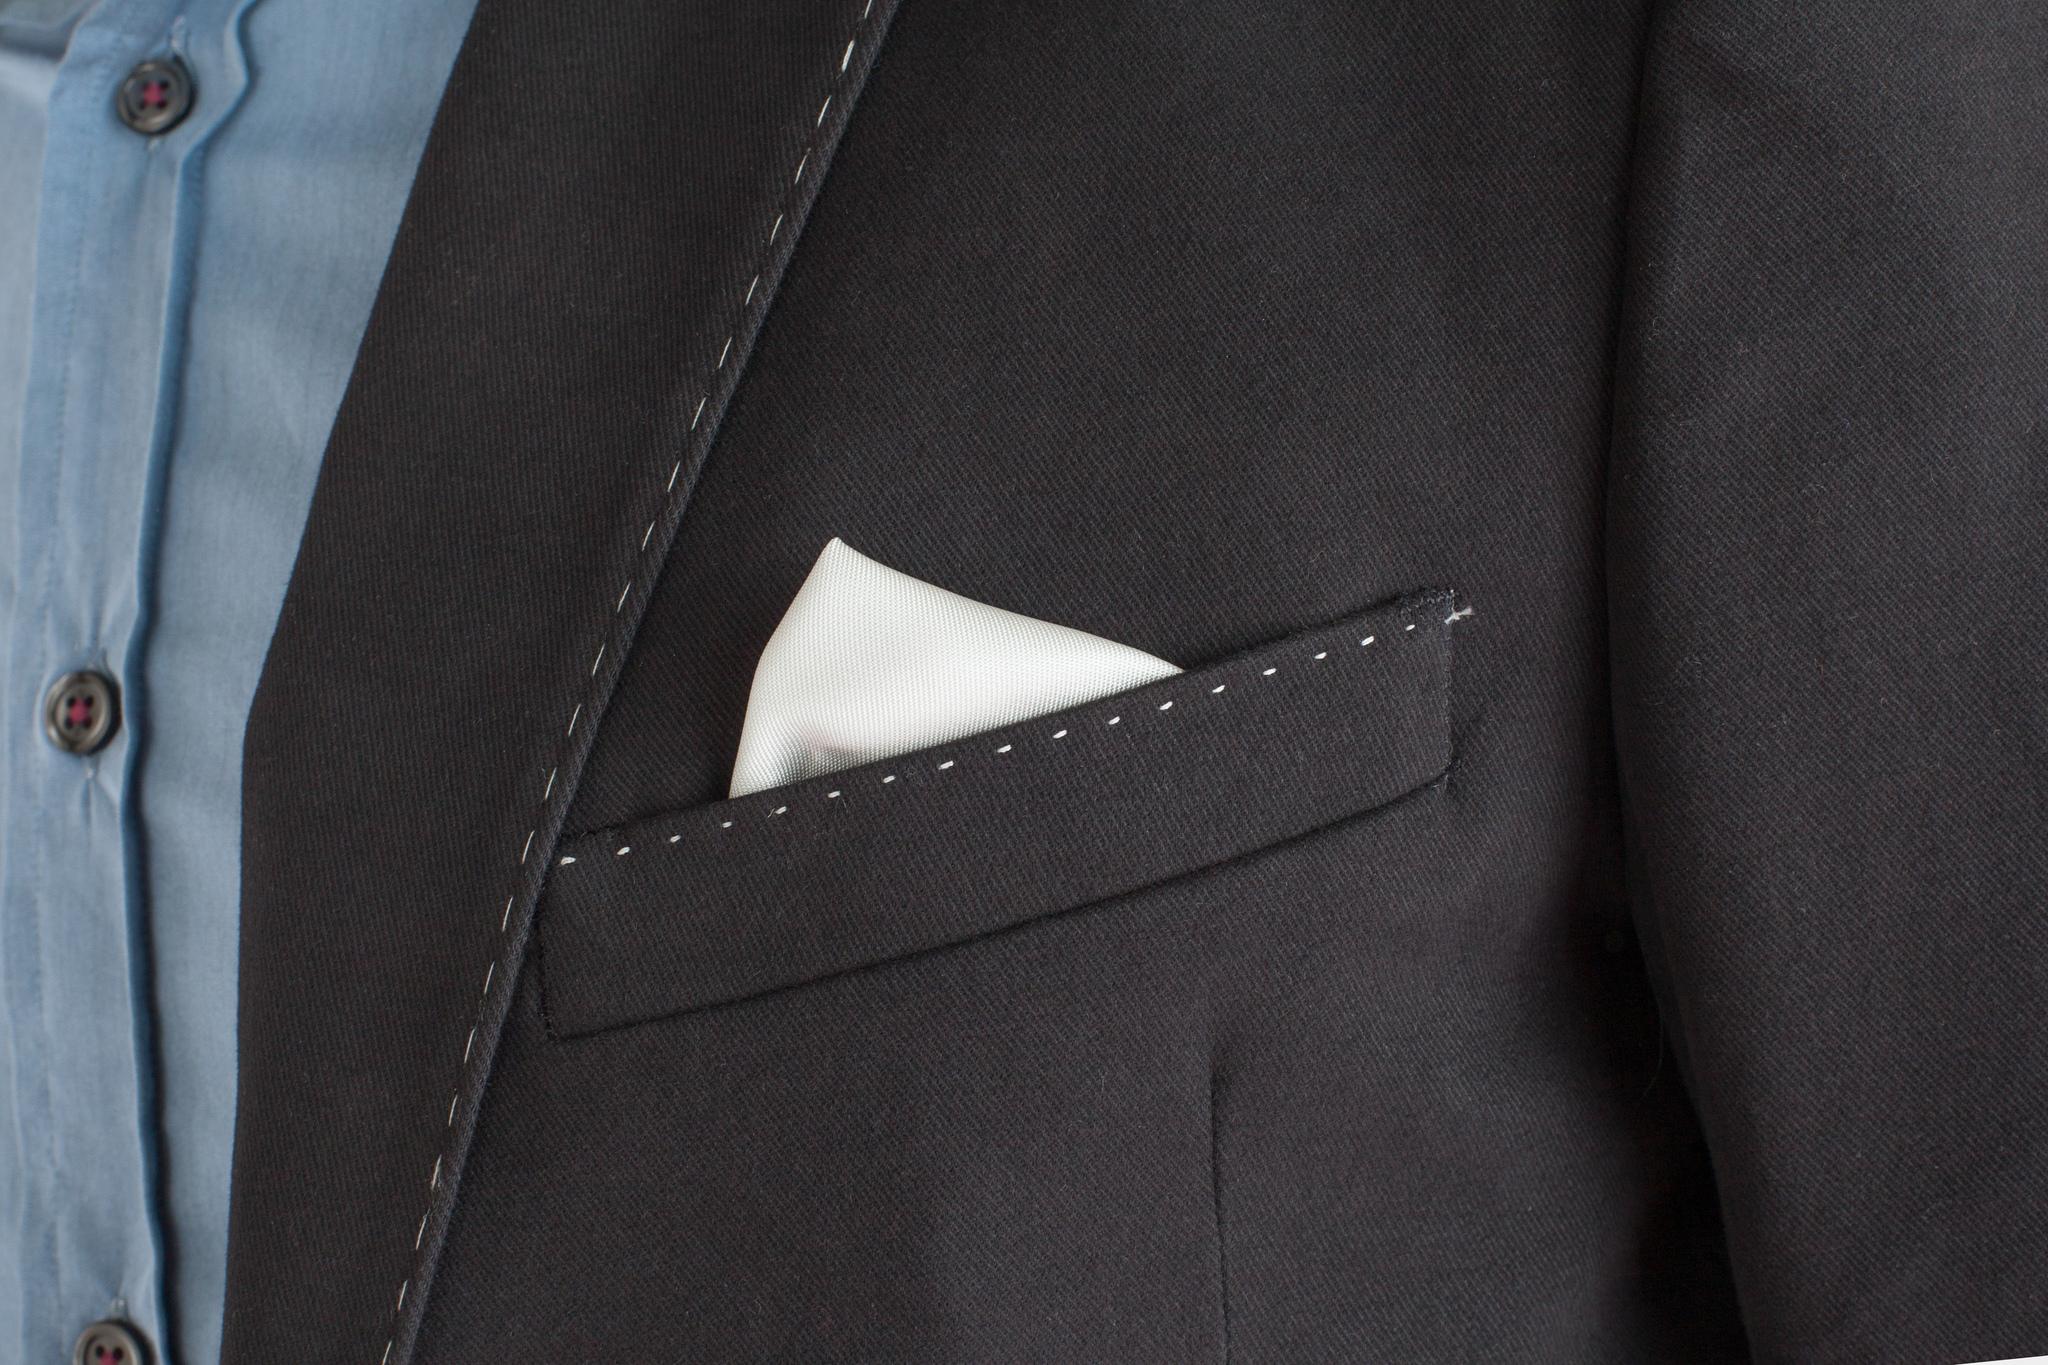 Чёрный хлопковый пиджак с контрастным швом, нагрудный карман